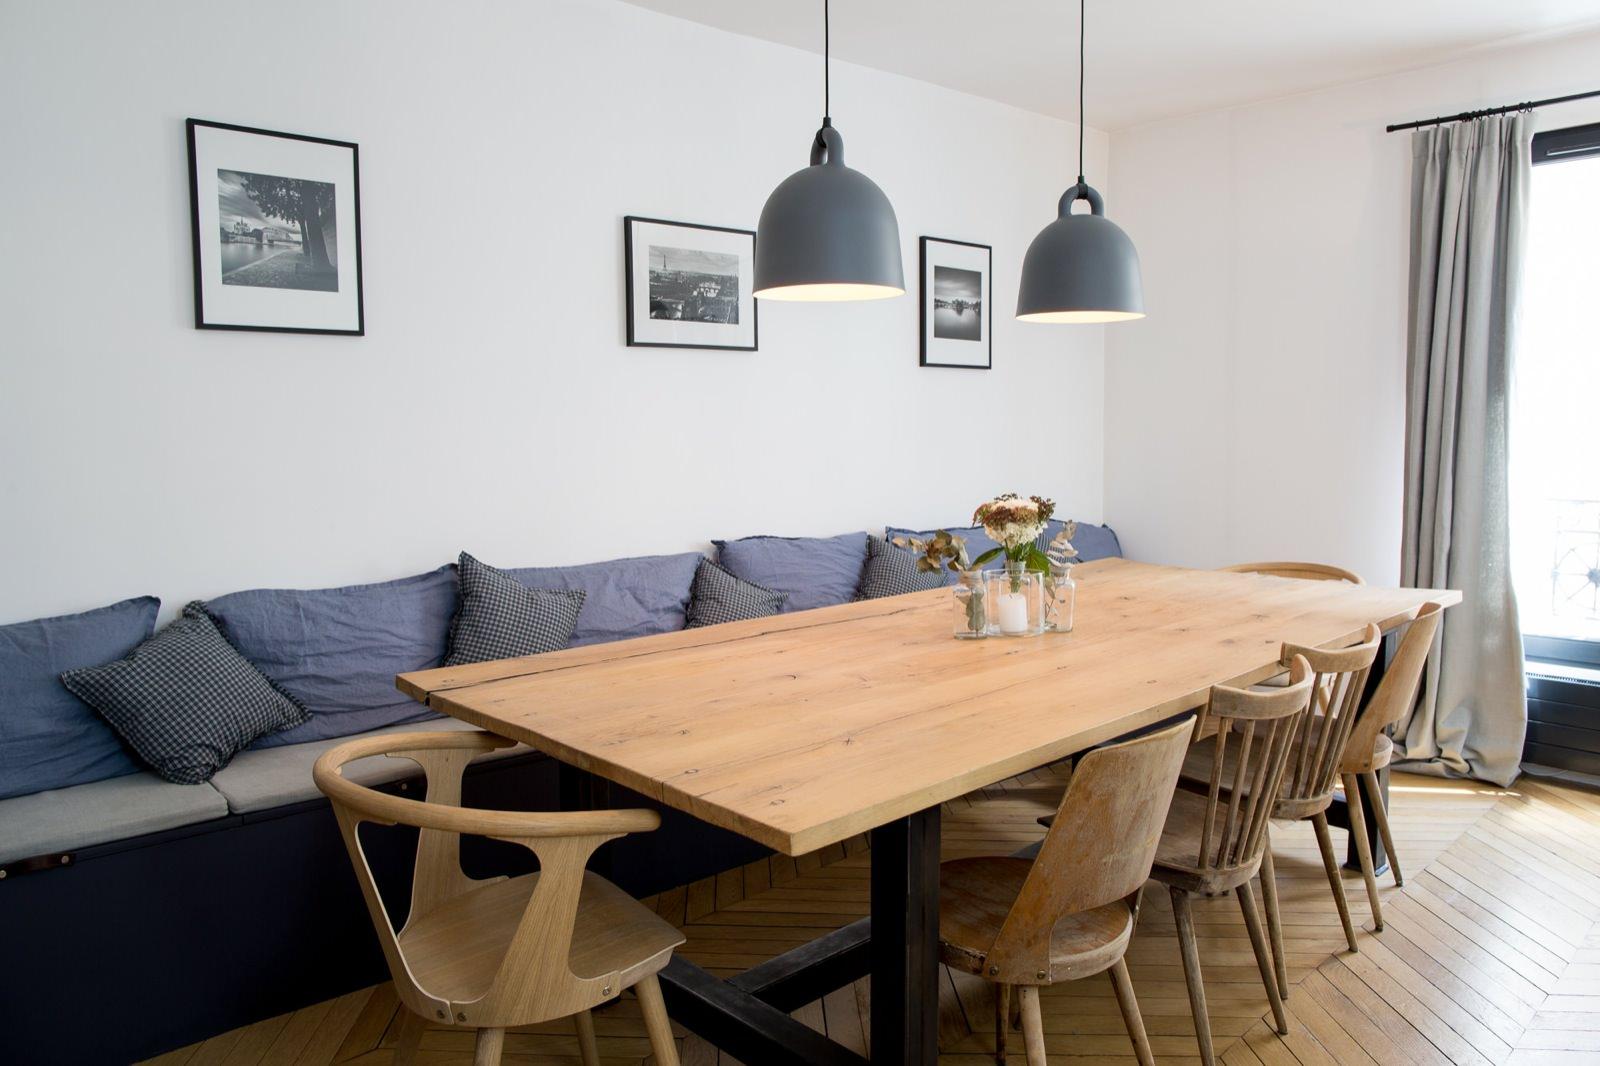 photo de réalisations de Cyrielle Wattine, architecte d'intérieur à Paris par Mardi Bleu – Agence de communication – photo & vidéo